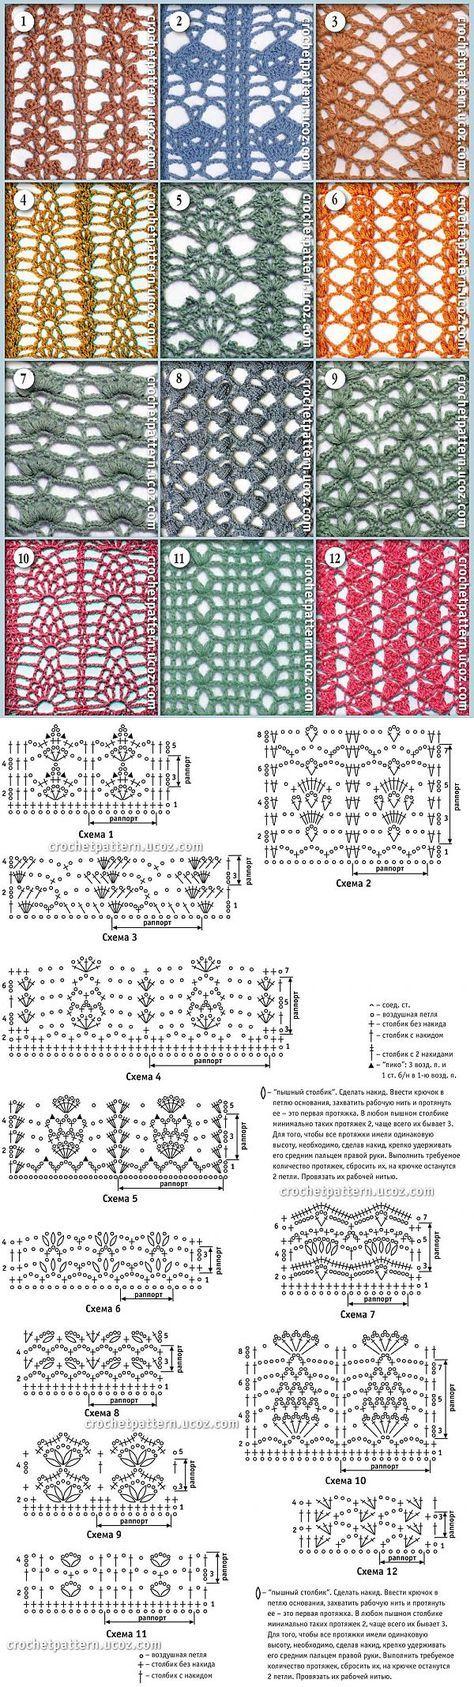 Sayfa №70. Desenler ve şemaları tığ işi. - 1 May 2013 - tığ için desen Altın Toplama